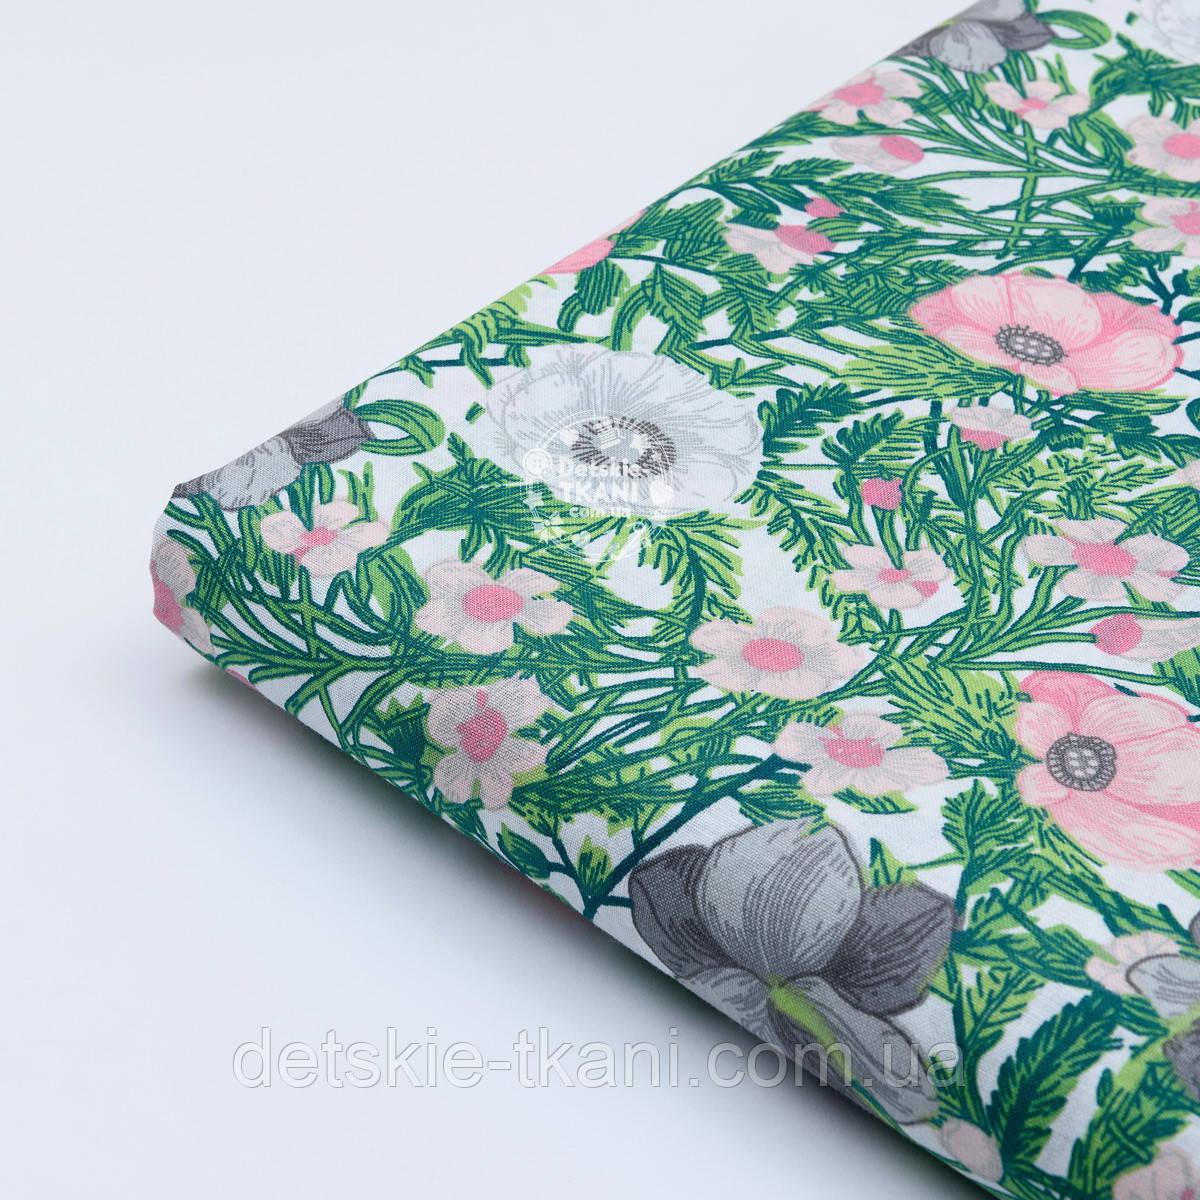 """Лоскут ткани """"Анемоны розовые и серые с зелёными ветками"""" на белом (№1837), размер 38*78 см"""